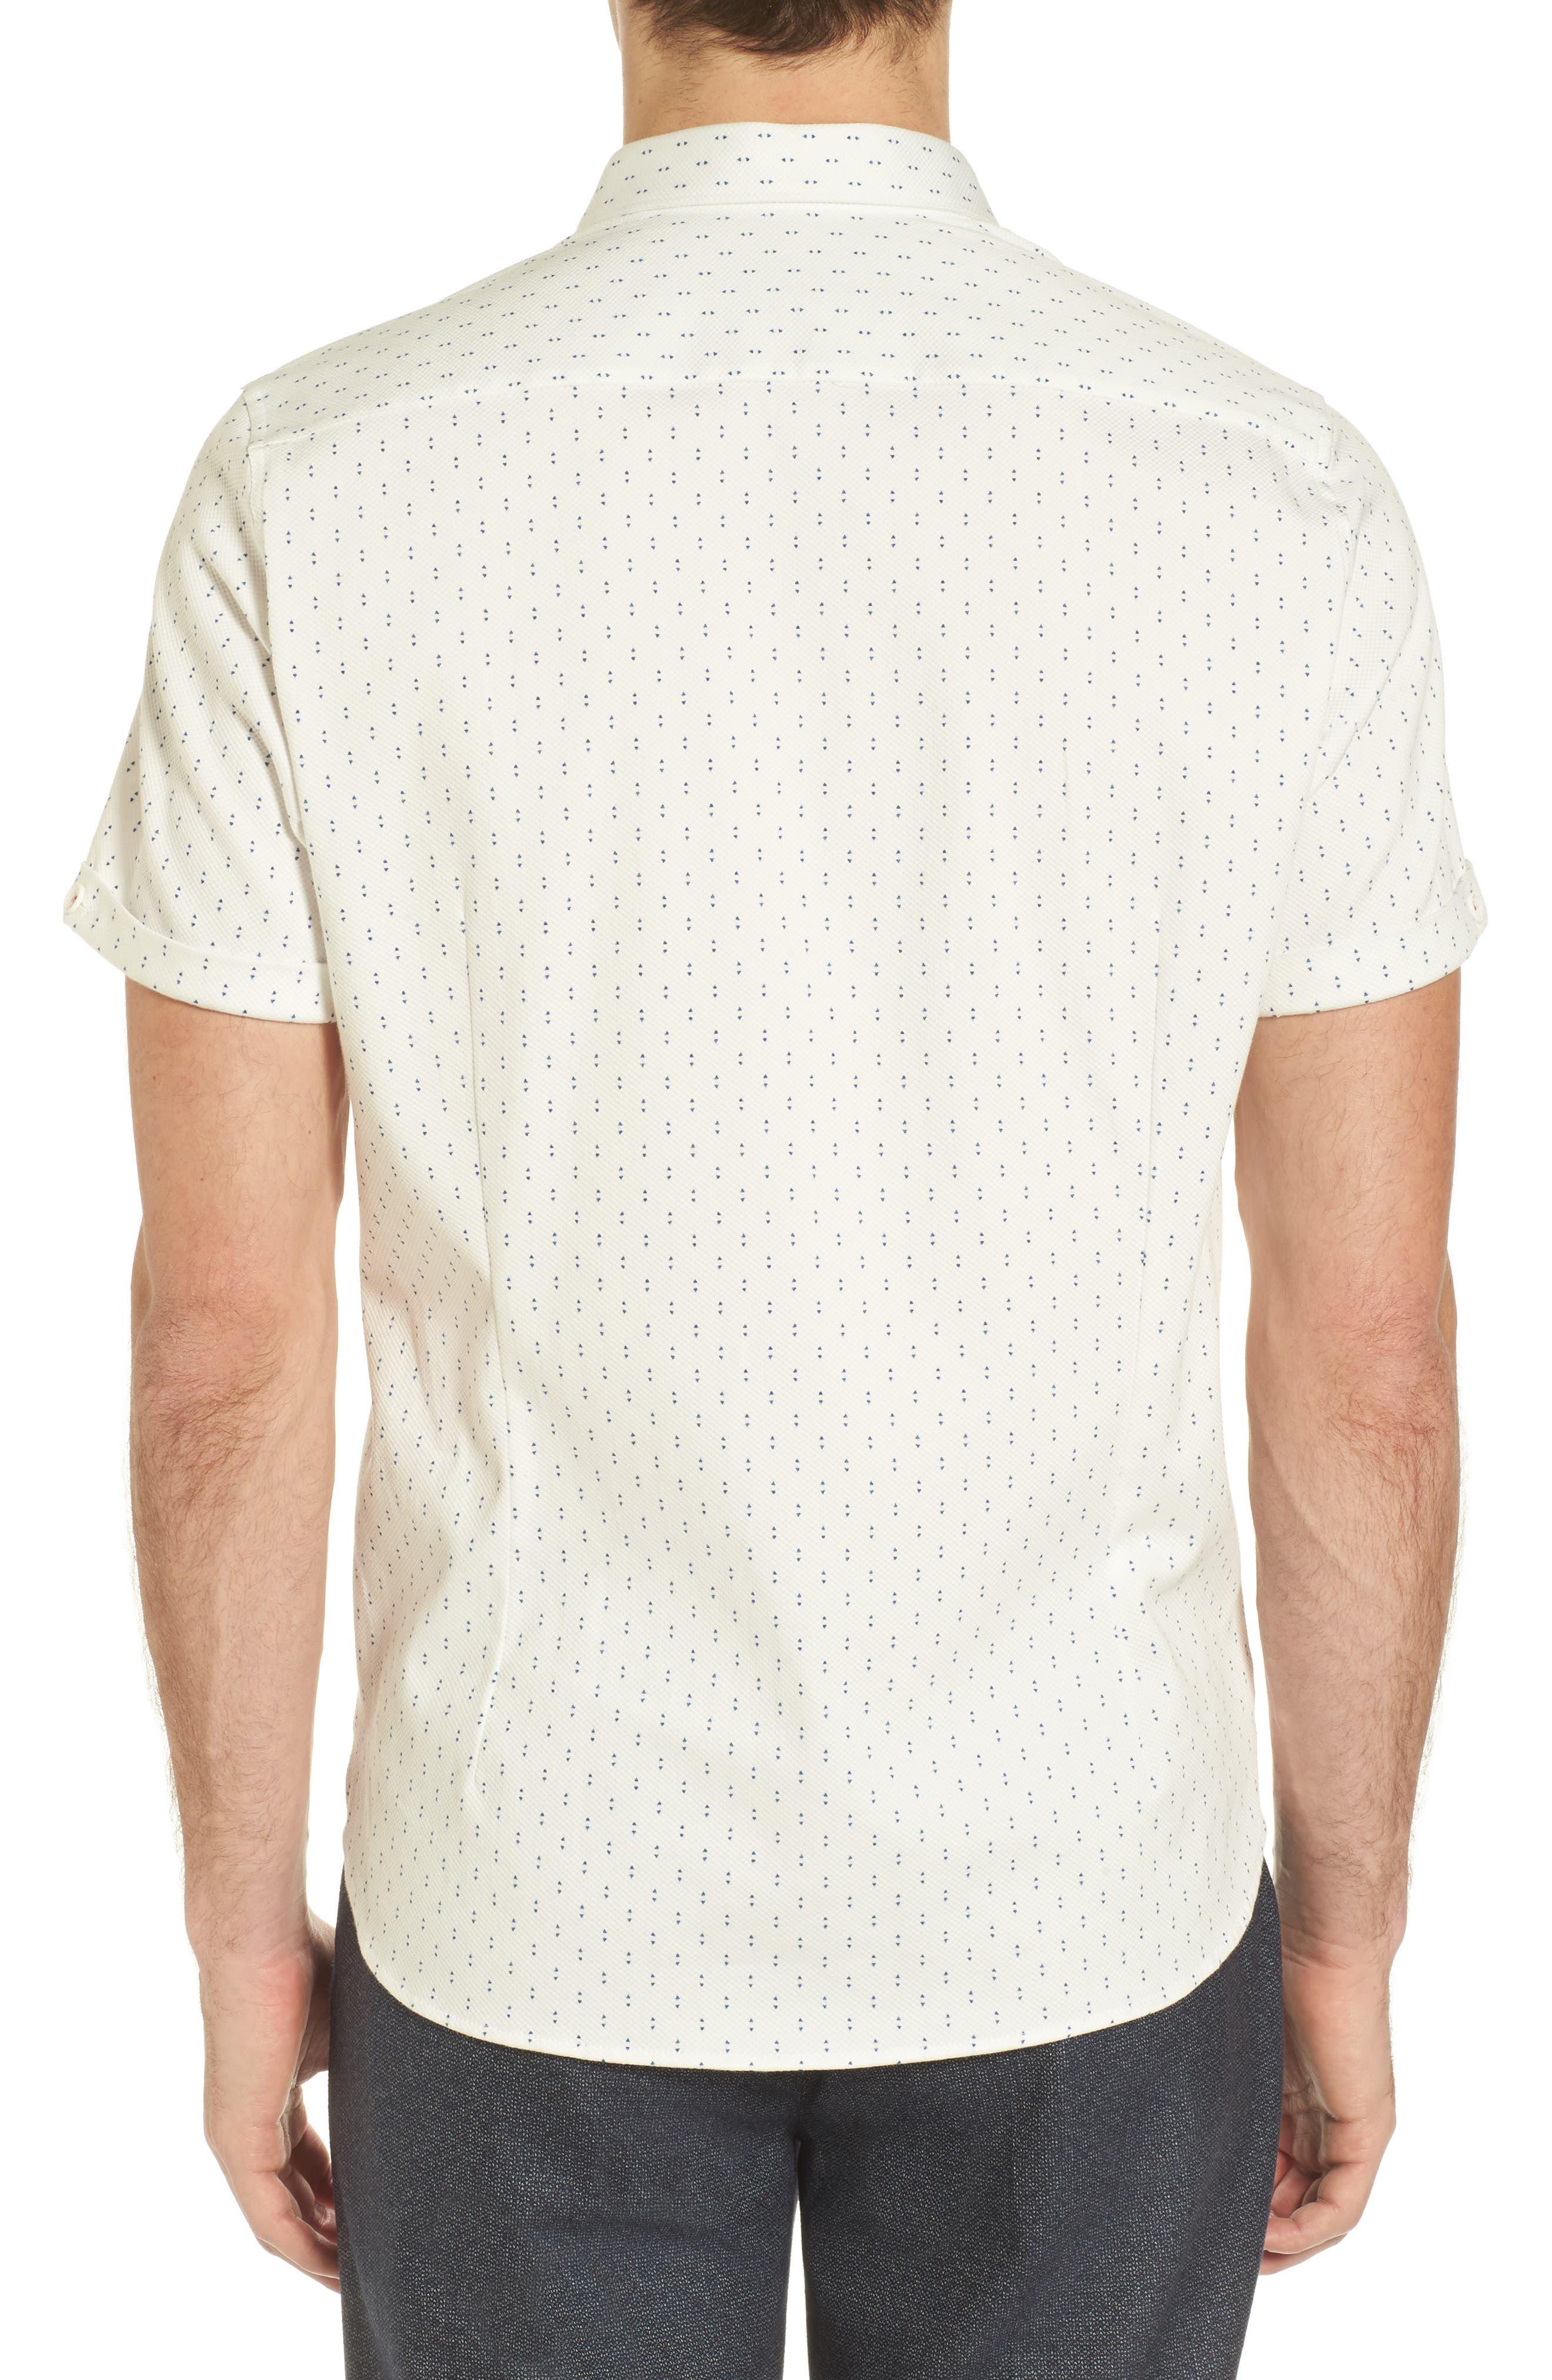 TED BAKER LONDON,                             Franko Print Sport Shirt,                             Alternate thumbnail 2, color,                             100